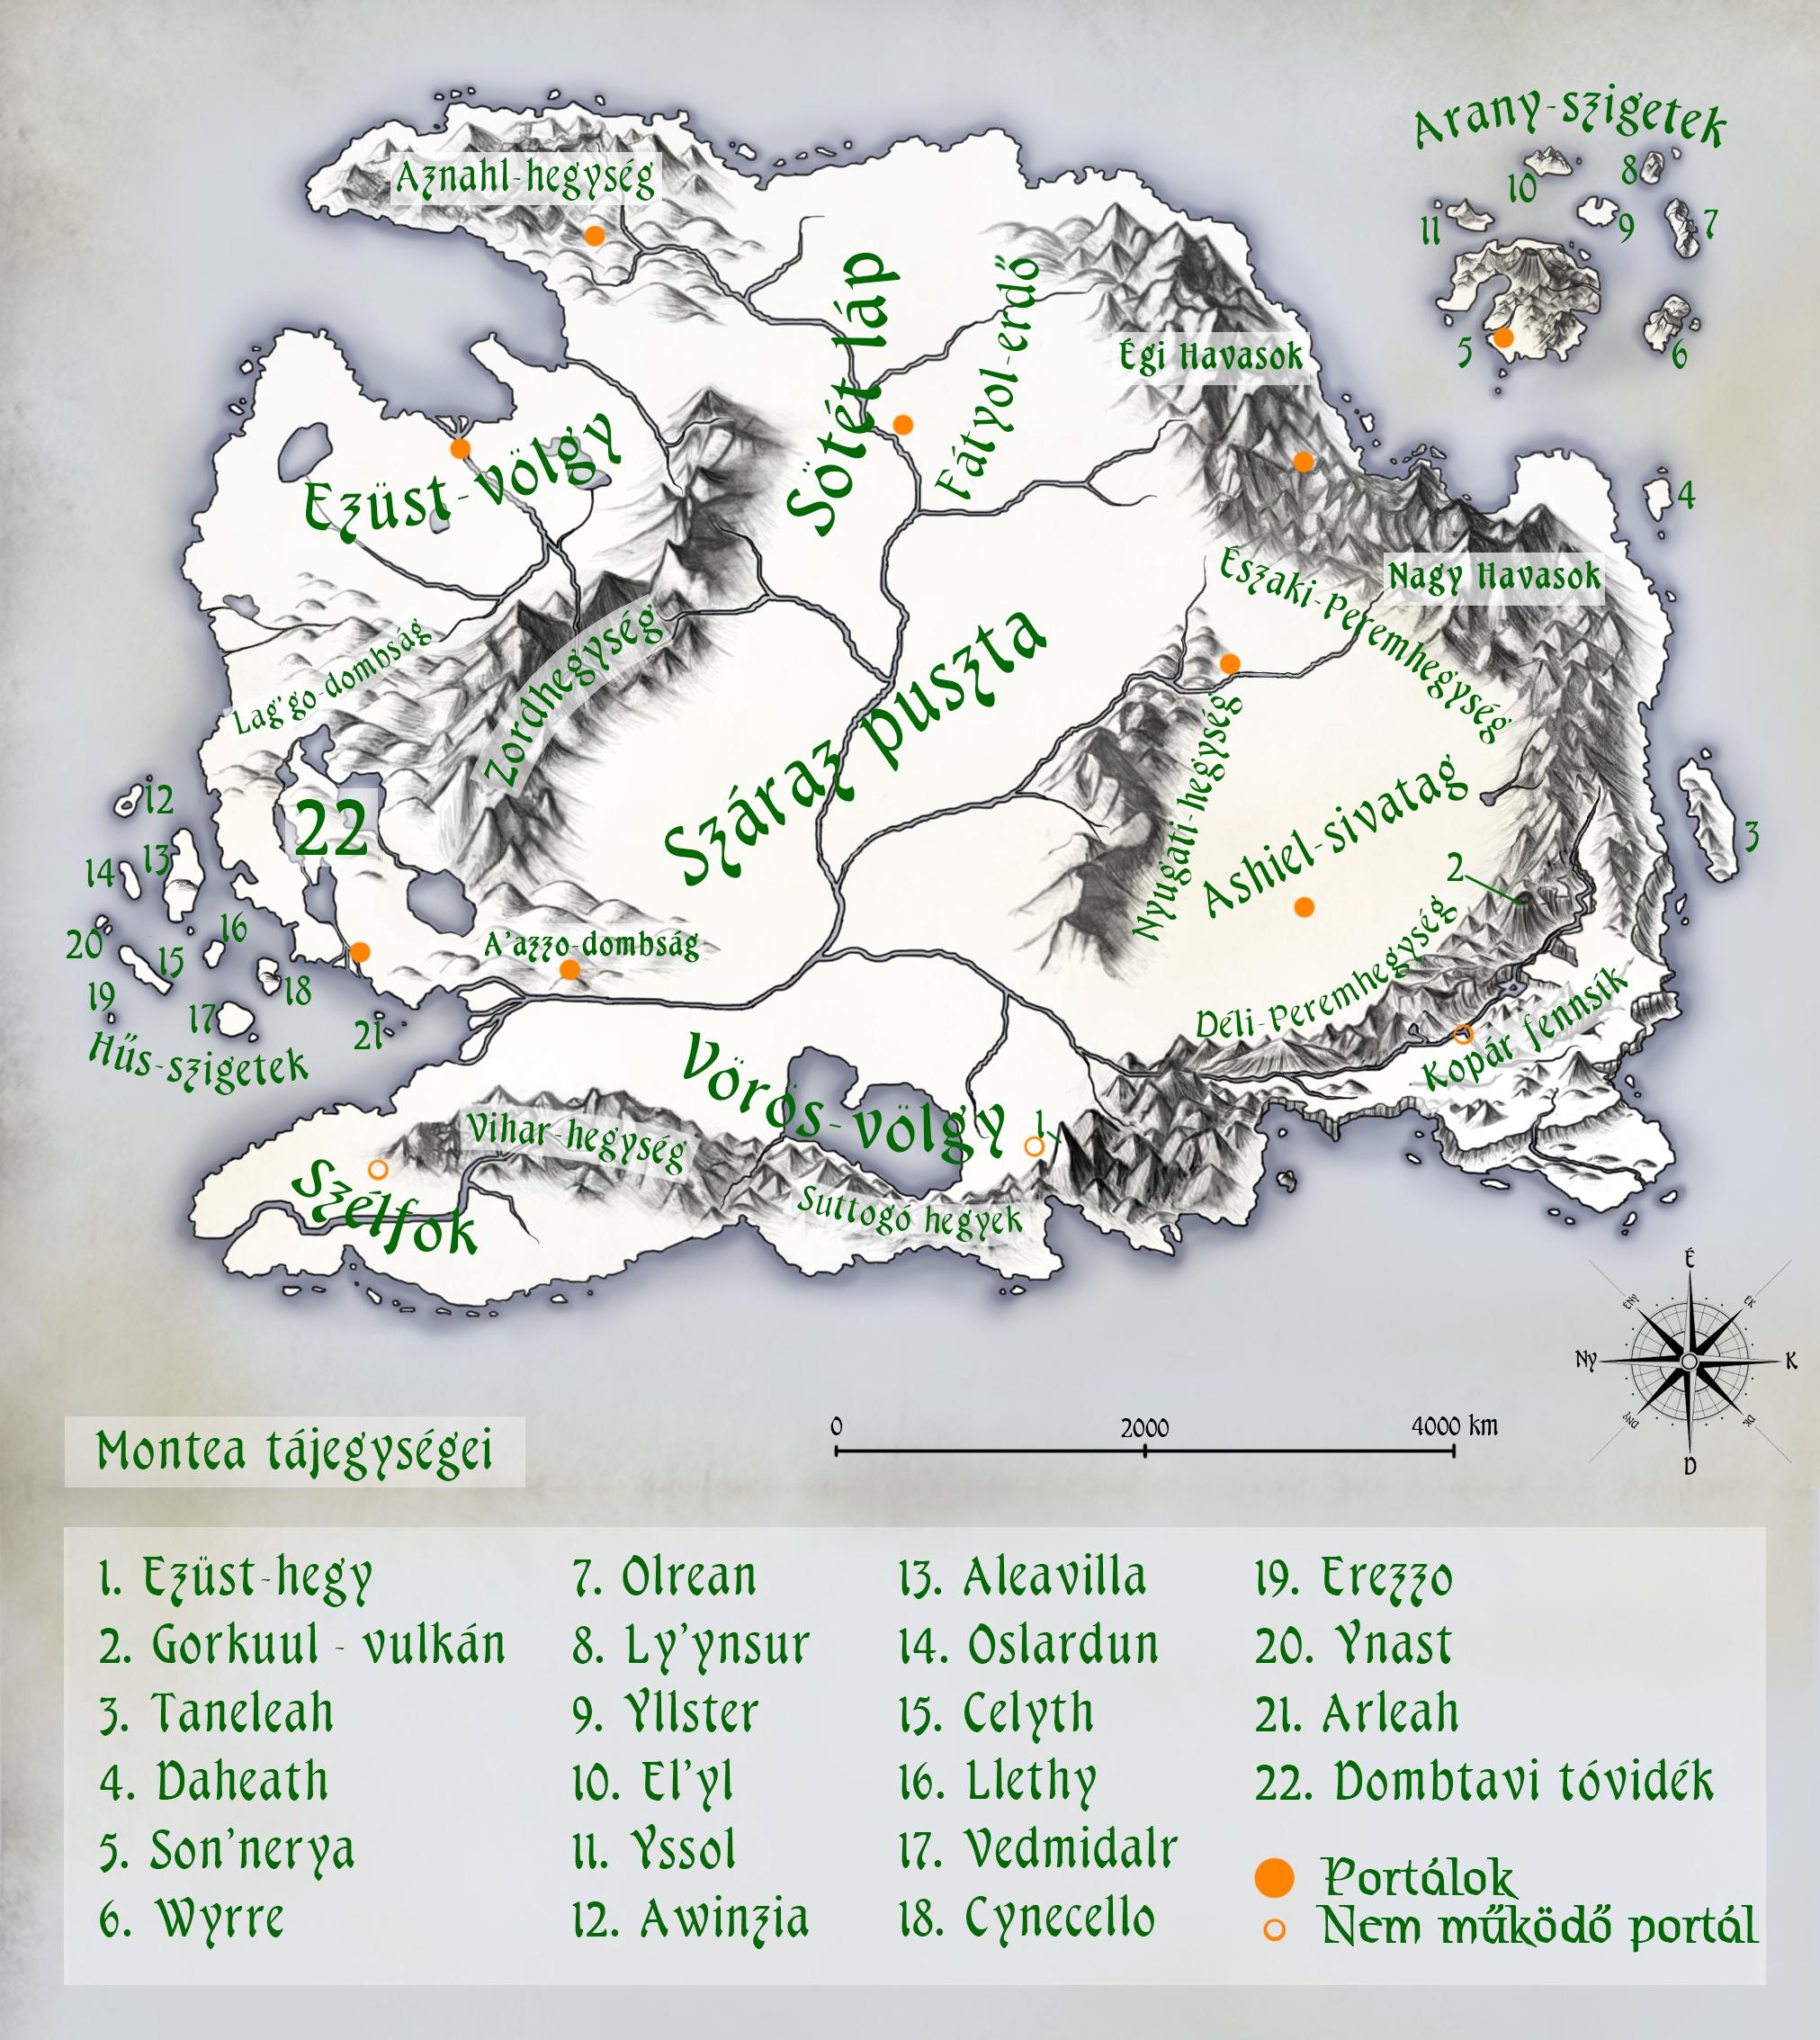 Montea kontinens földrajzi térképe és a portálok Foldrajz_montea_teljes